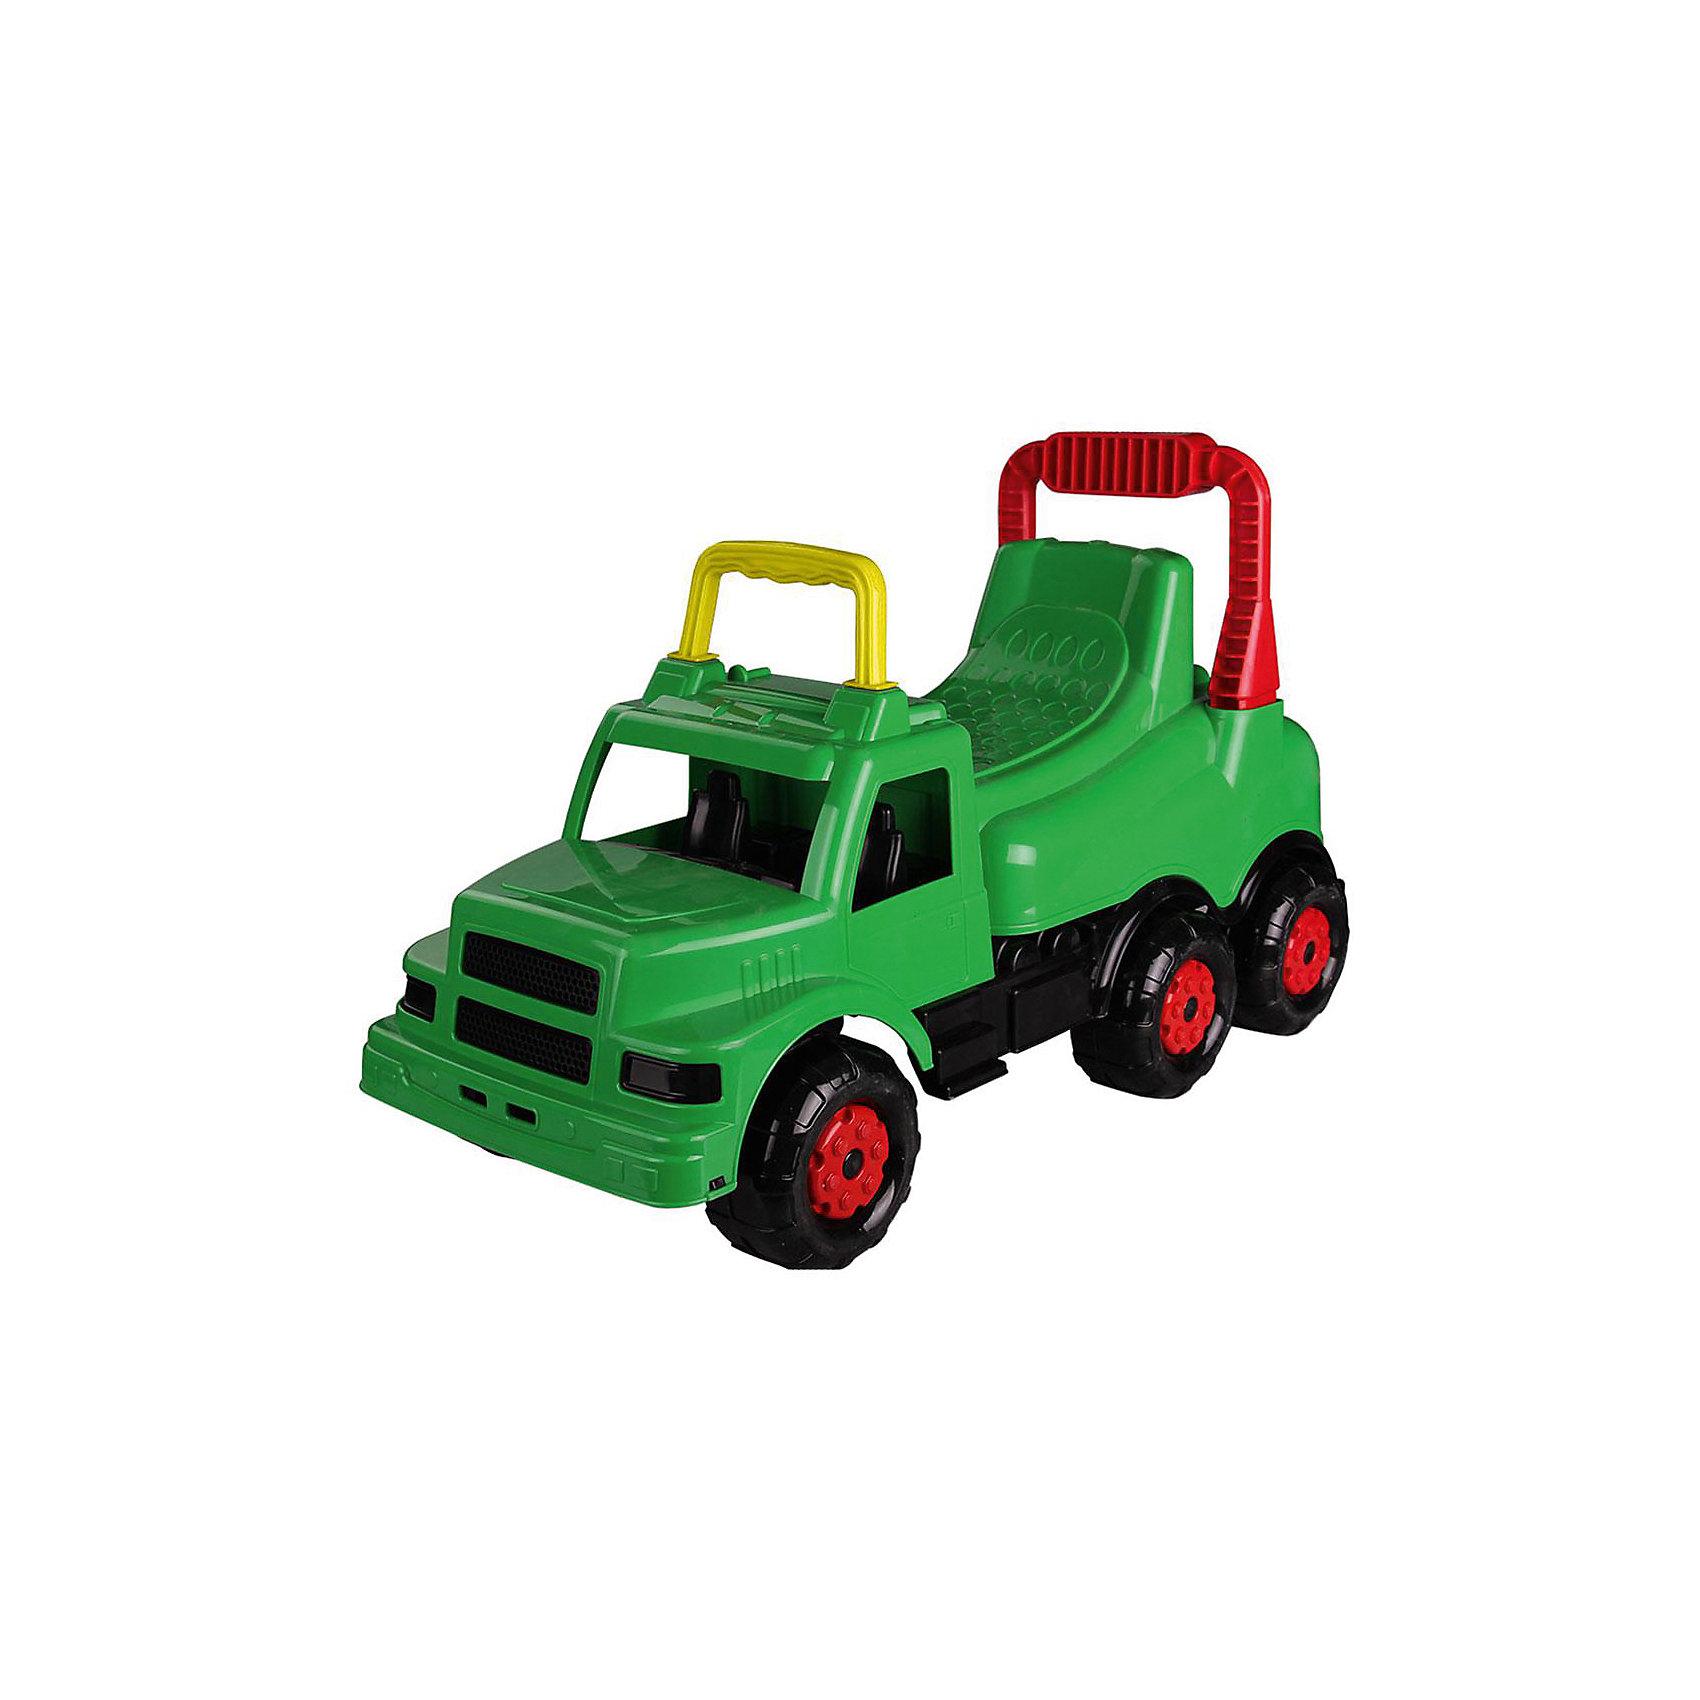 Машинка детская Весёлые гонки ,  Alternativa, зеленыйИзумительная машинка Веселые гонки изготовлена из прочного пластика и способна покатать ребенка. У машинки есть удобное сидение, две ручки и шесть колес. Такой замечательный транспорт непременно понравятся мальчику.<br><br>Дополнительная информация:<br>Материал: пластик<br>Цвет: зеленый<br>Размер: 69,5х29х40 см<br><br>Вы можете купить машинку Веселые гонки в нашем интернет-магазине.<br><br>Ширина мм: 695<br>Глубина мм: 290<br>Высота мм: 400<br>Вес г: 2371<br>Возраст от месяцев: 36<br>Возраст до месяцев: 144<br>Пол: Унисекс<br>Возраст: Детский<br>SKU: 4979756